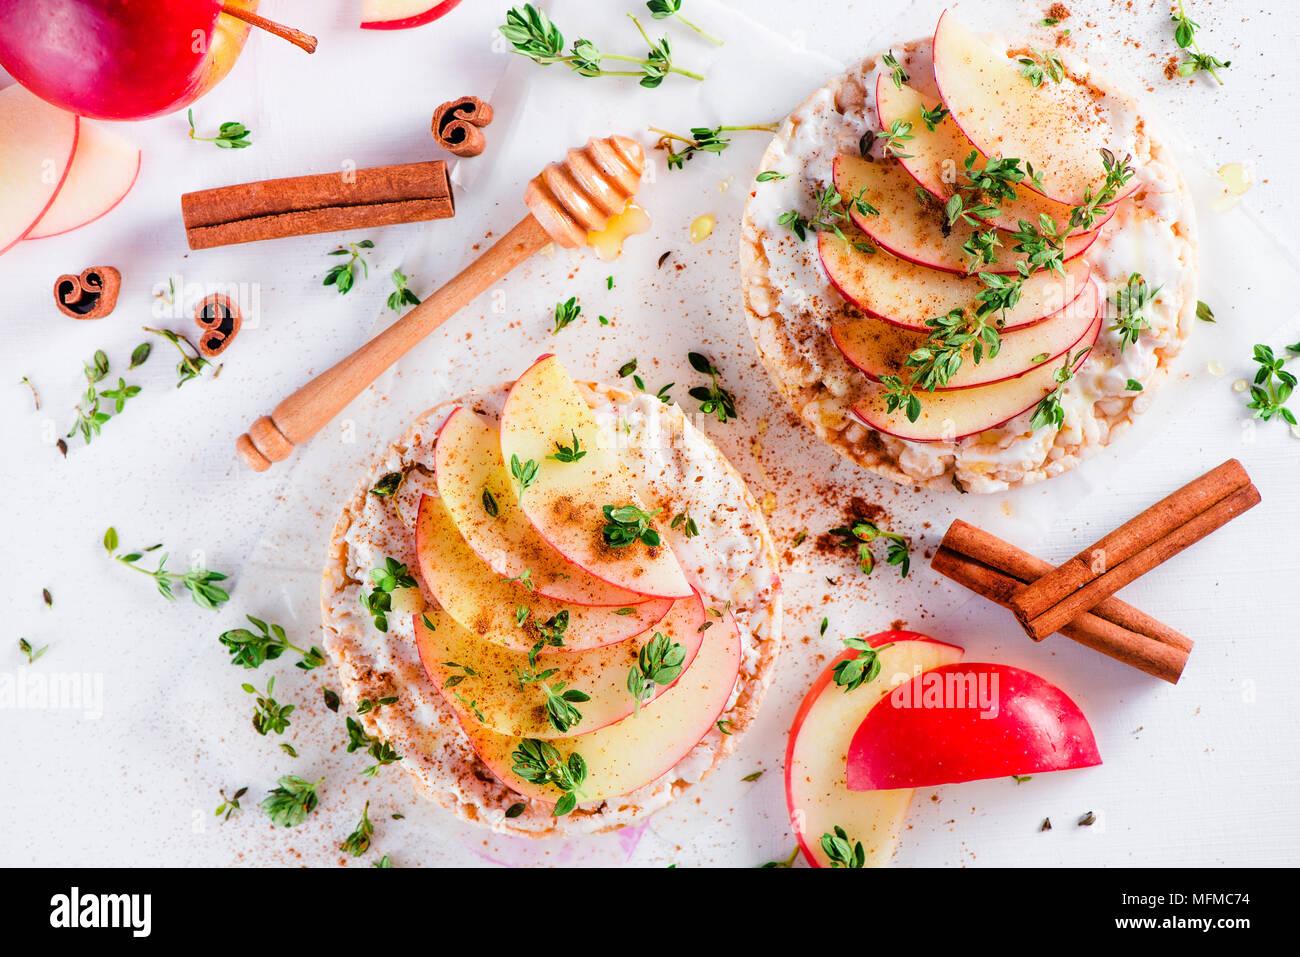 Knäckebrot Snack mit Apfelscheiben, Zimt, griechischen Joghurt, Honig und frischen Thymian. Einfaches Frühstück close-up auf weißem Hintergrund mit kopieren. Stockbild